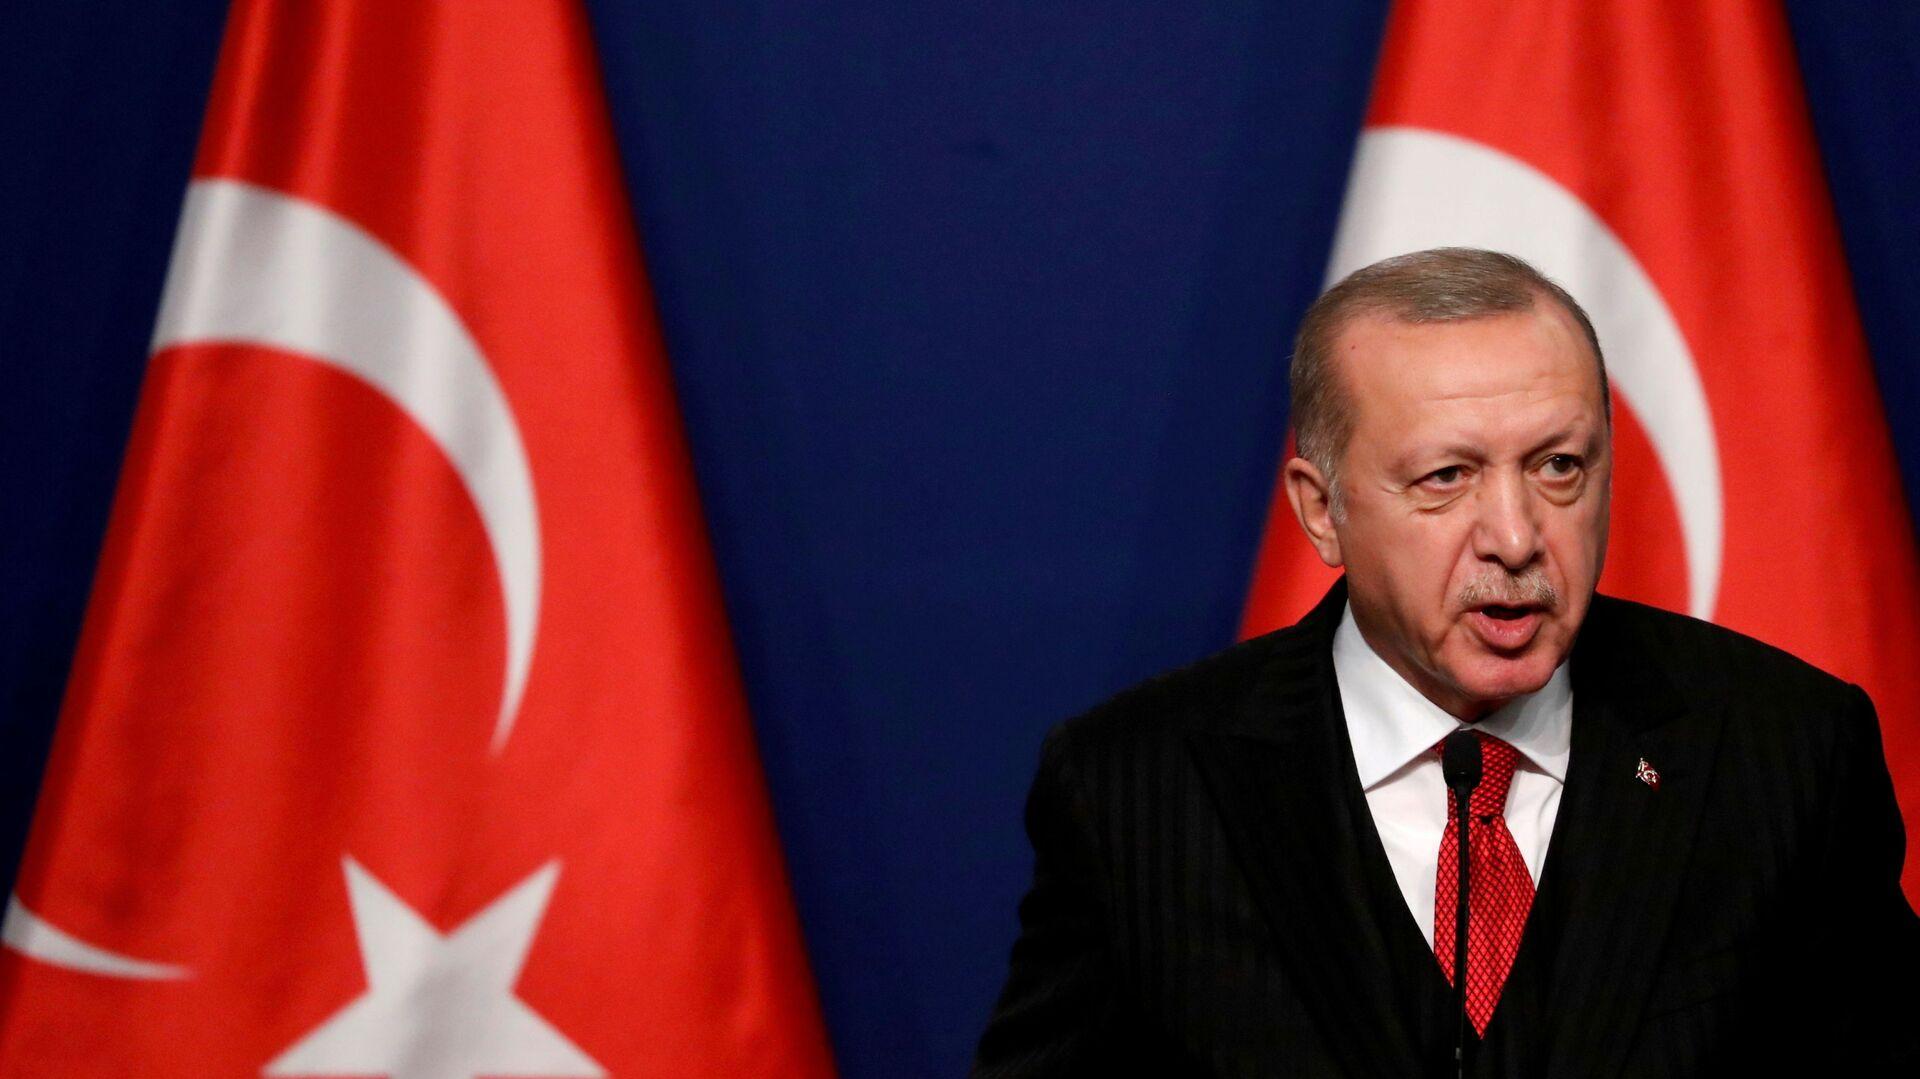 Turecký prezident Tayyip Erdogan - Sputnik Česká republika, 1920, 31.07.2021